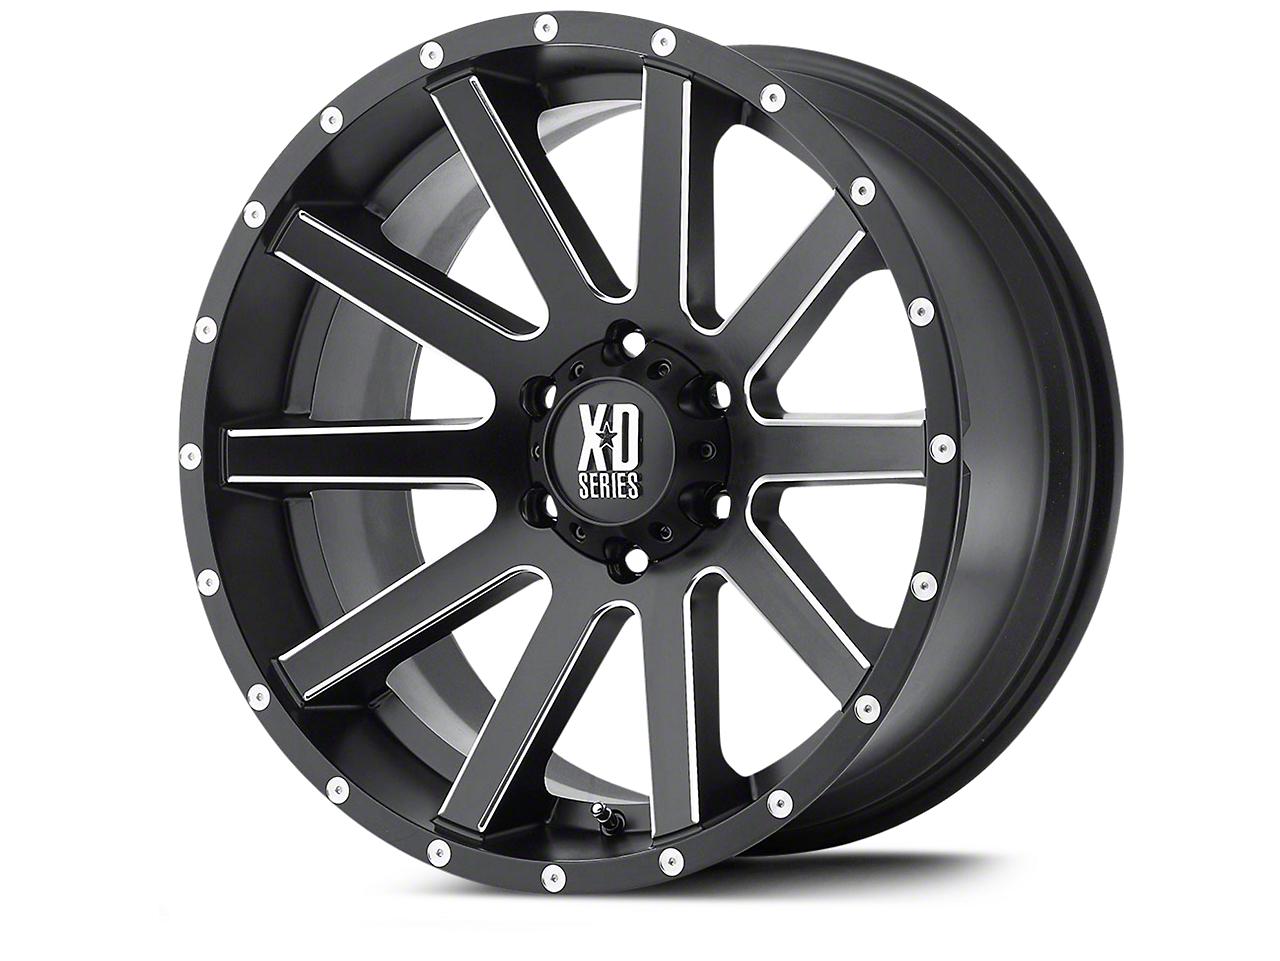 XD Heist Satin Black Milled Wheels (07-18 Wrangler JK; 2018 Wrangler JL)